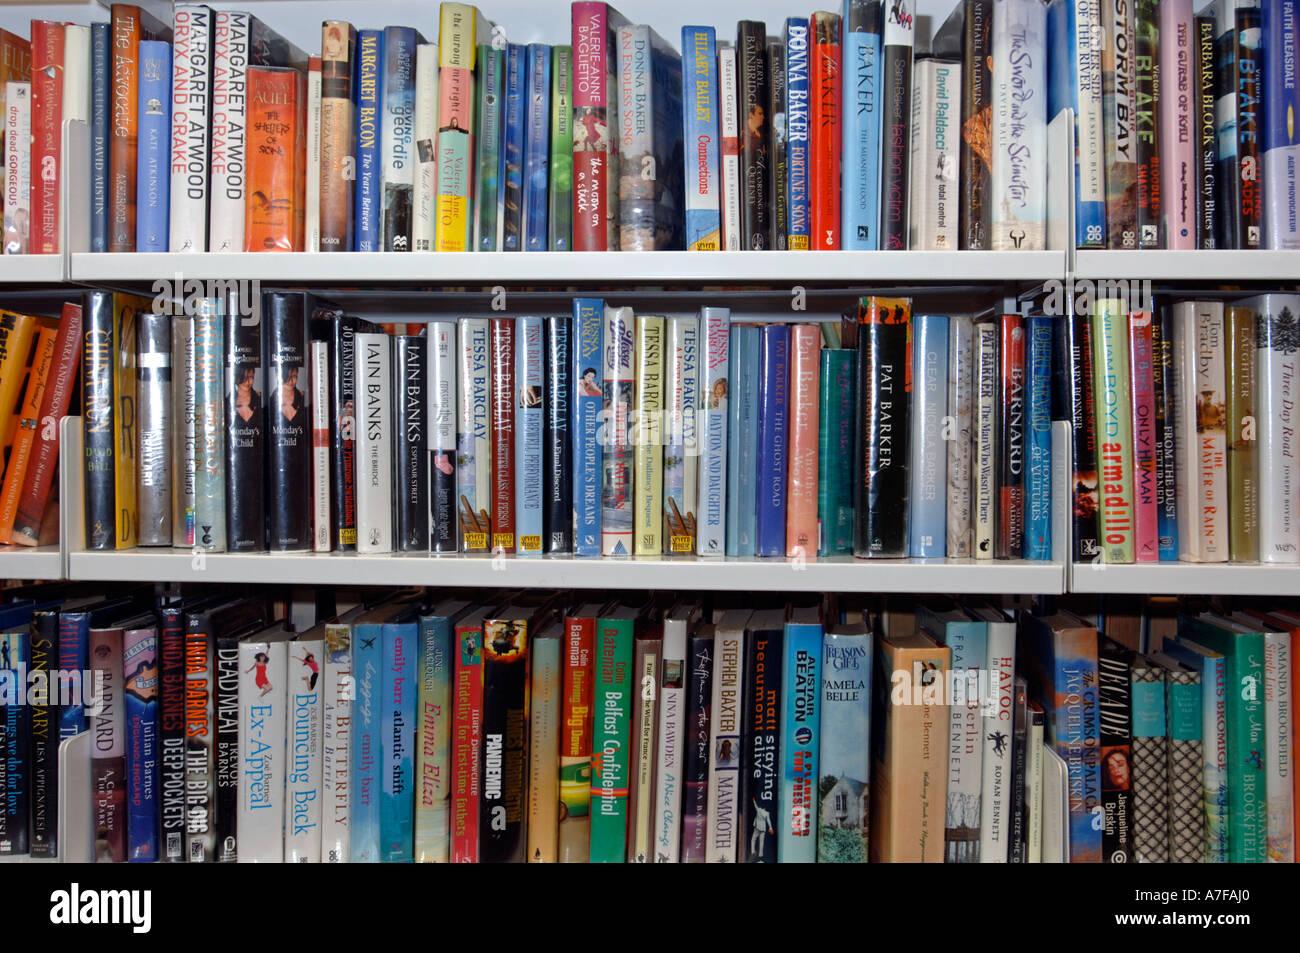 library bookshelves - Library Bookshelves